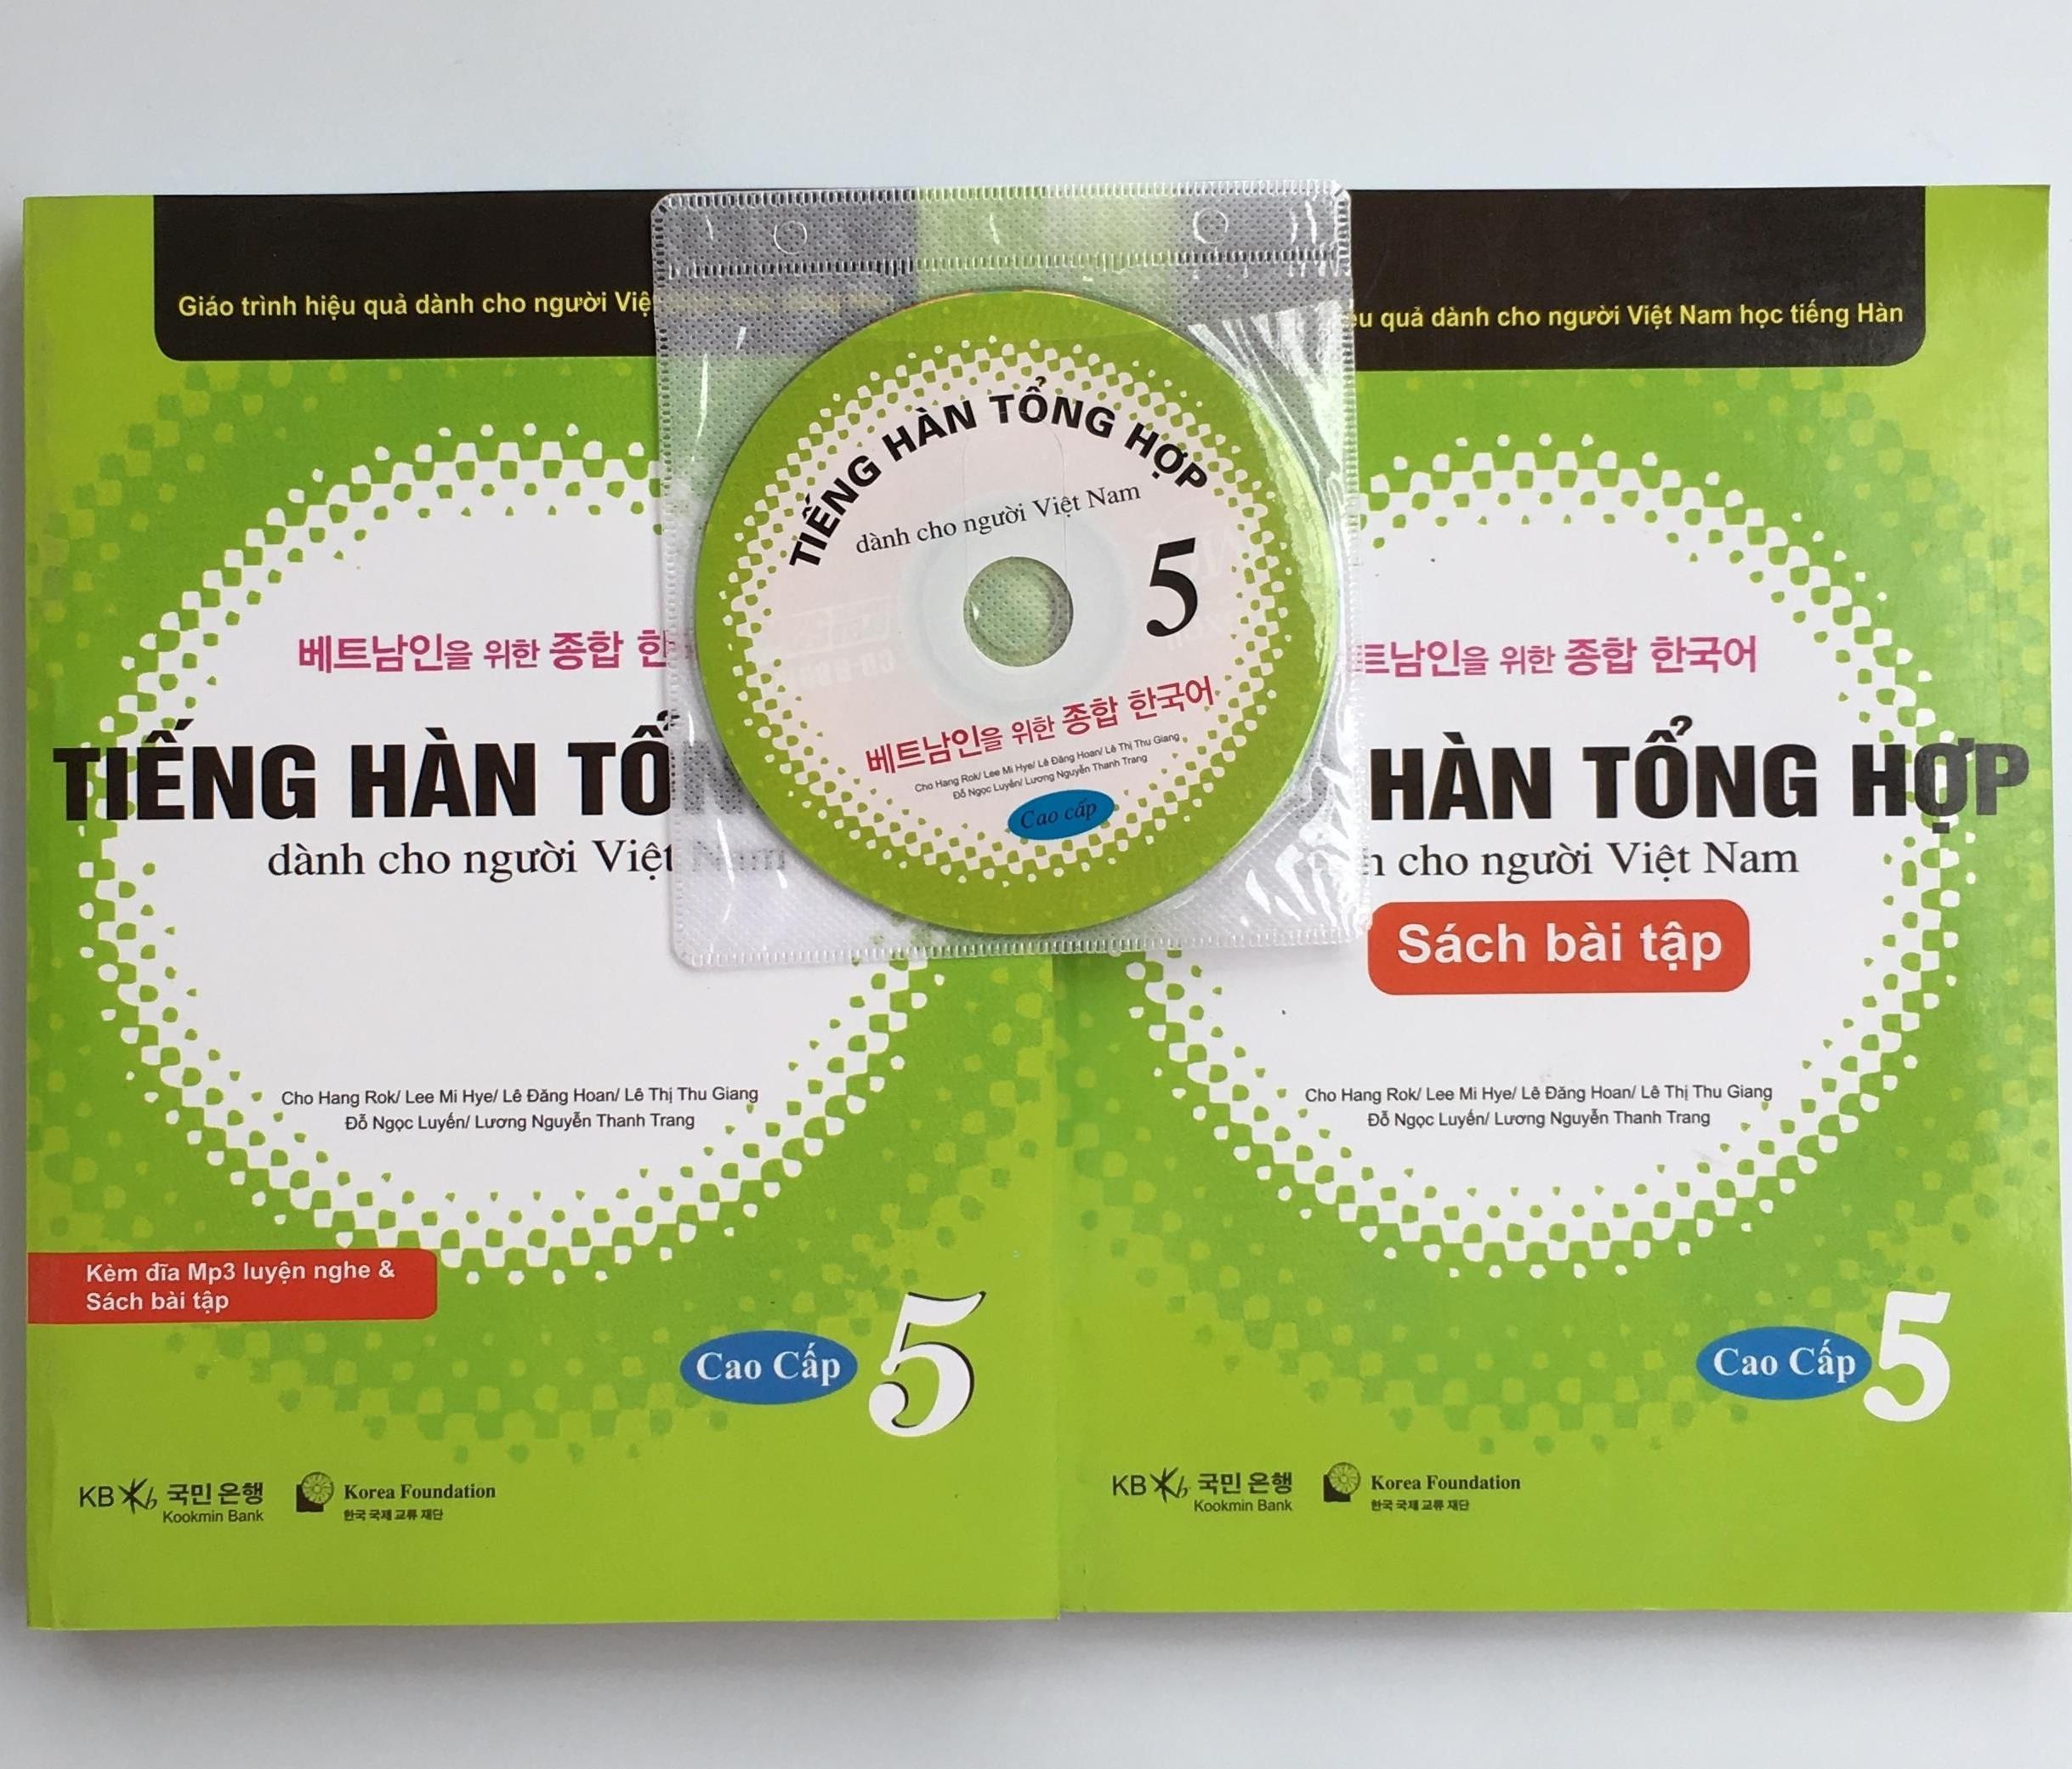 Coupon Khuyến Mãi Giáo Trình Và Bài Tập Tiếng Hàn Tổng Hợp Dành Cho Người Việt Nam Tập  5